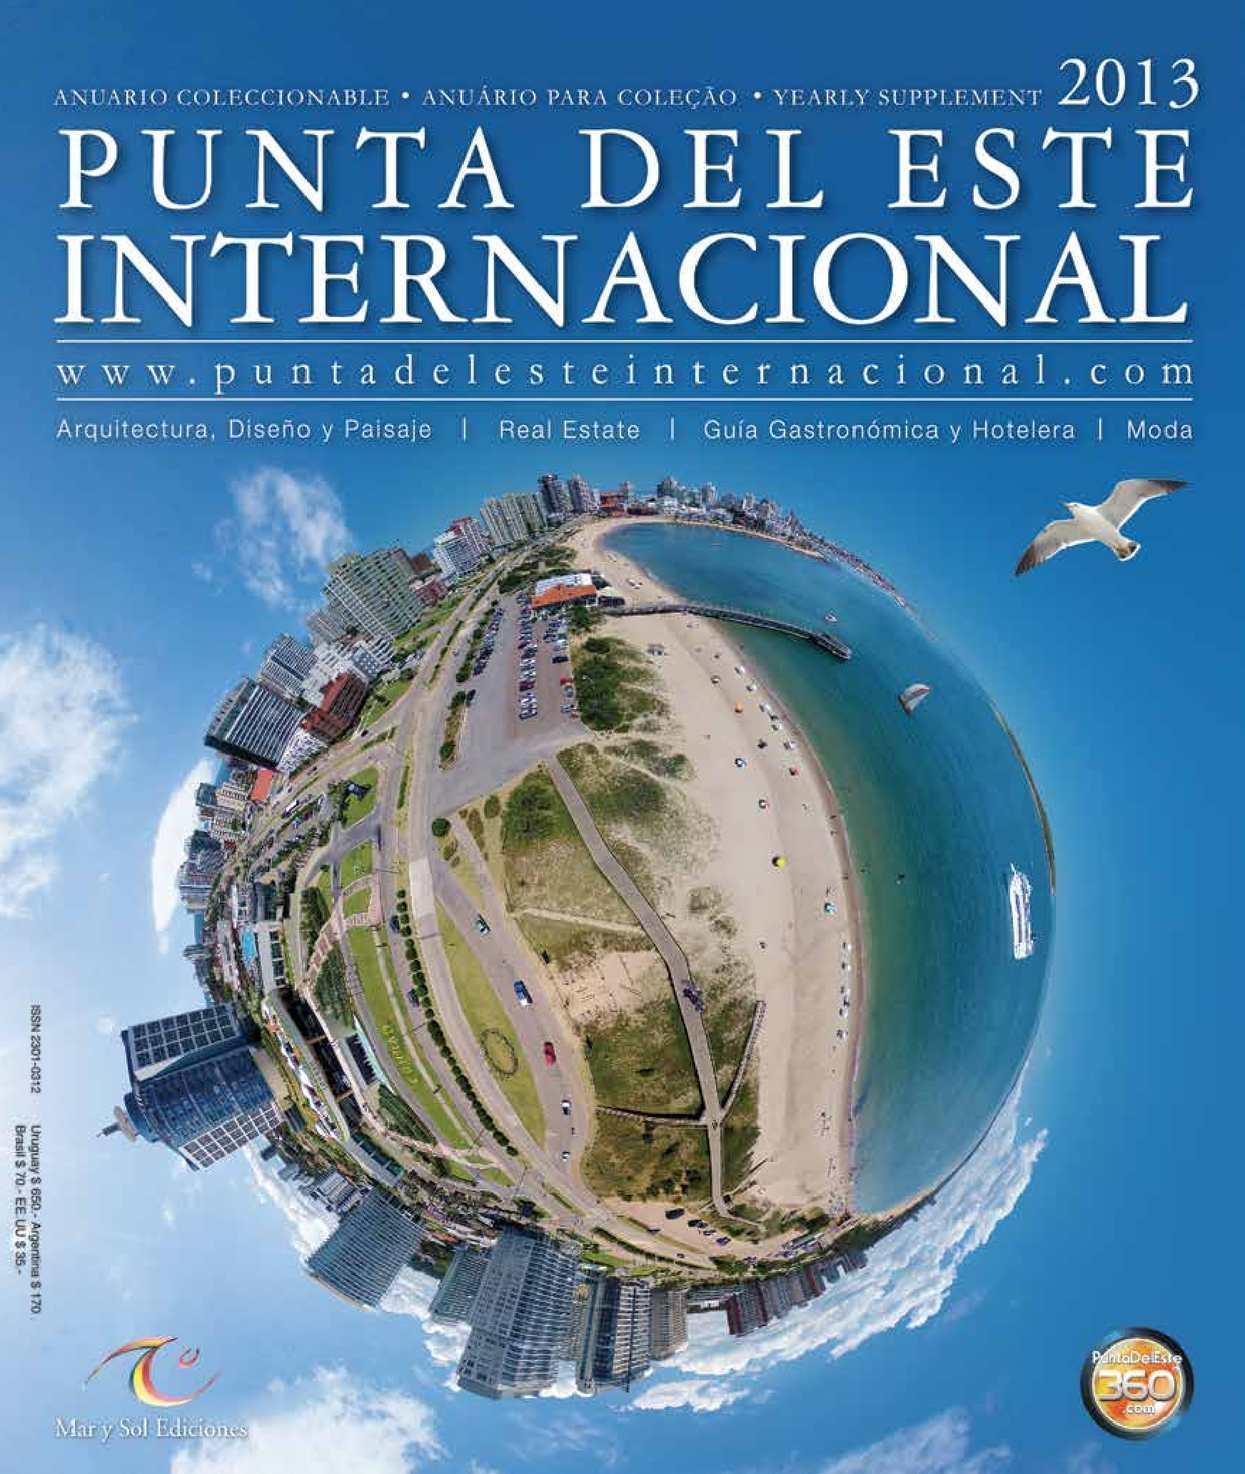 We can bet apuestas casino online confiables Mar del Plata-953029